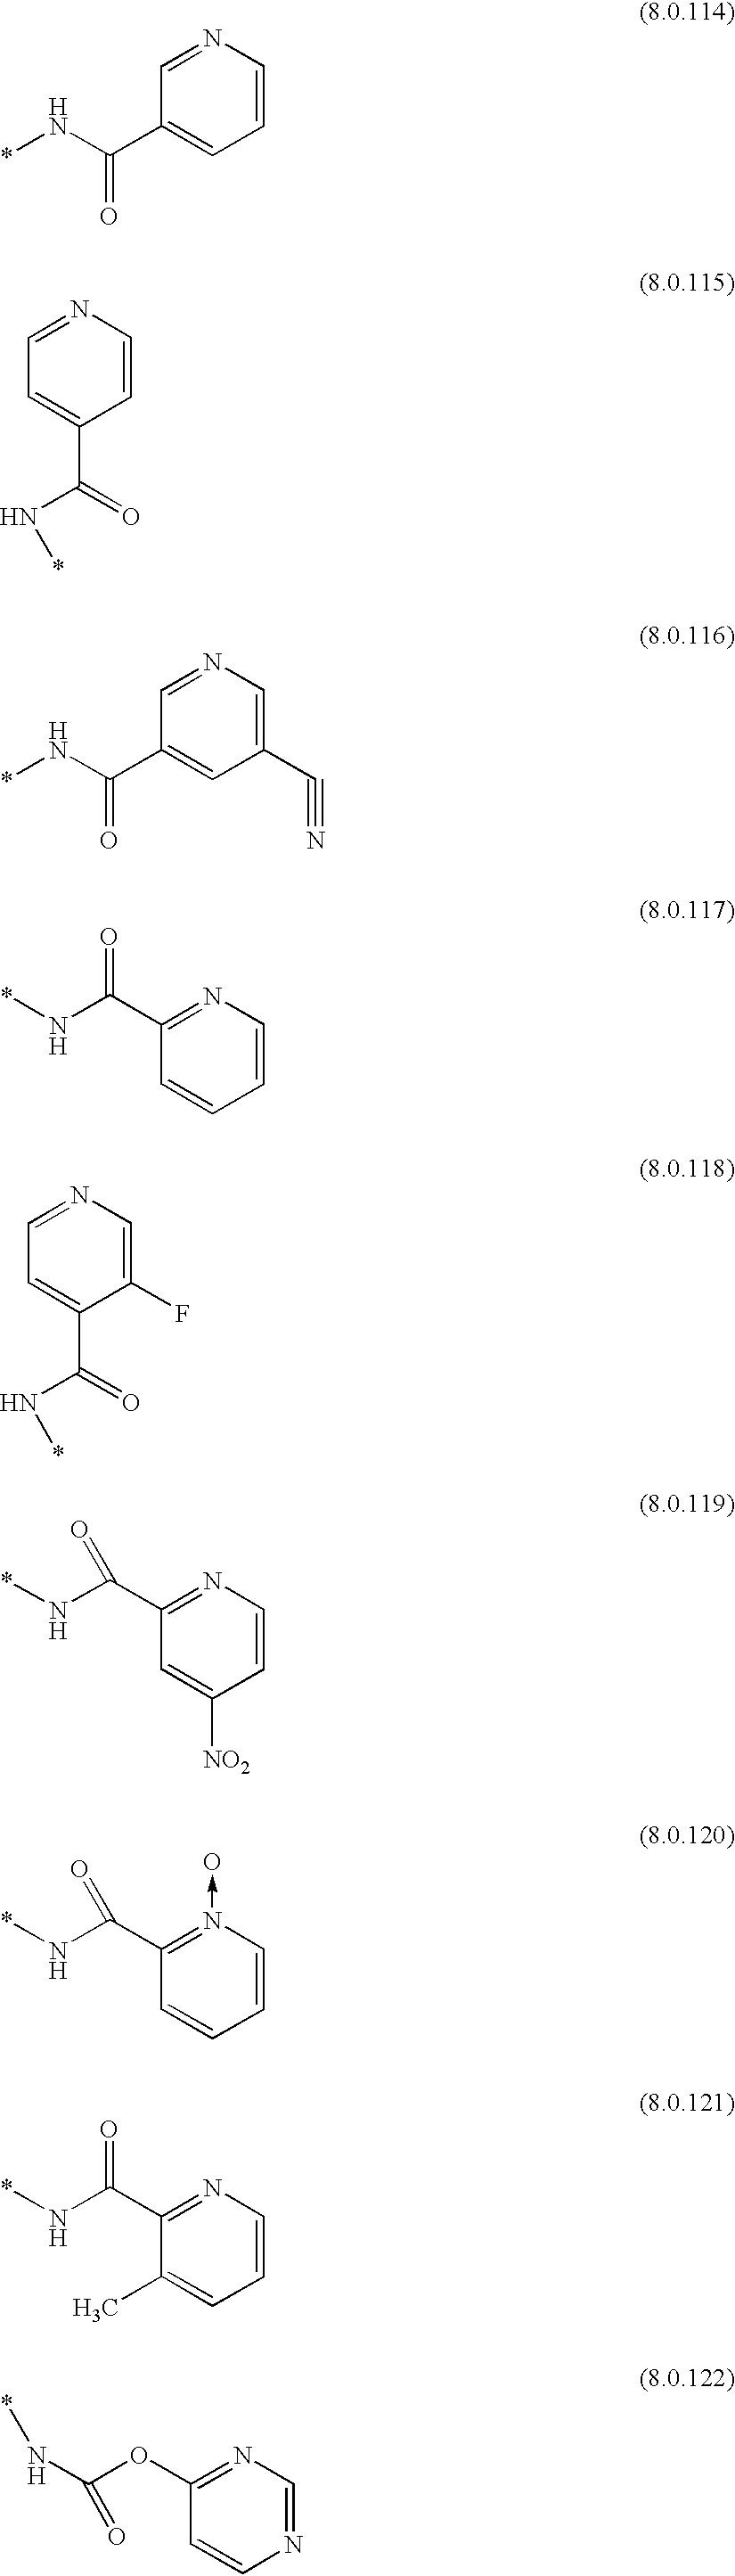 Figure US20030186974A1-20031002-C00217